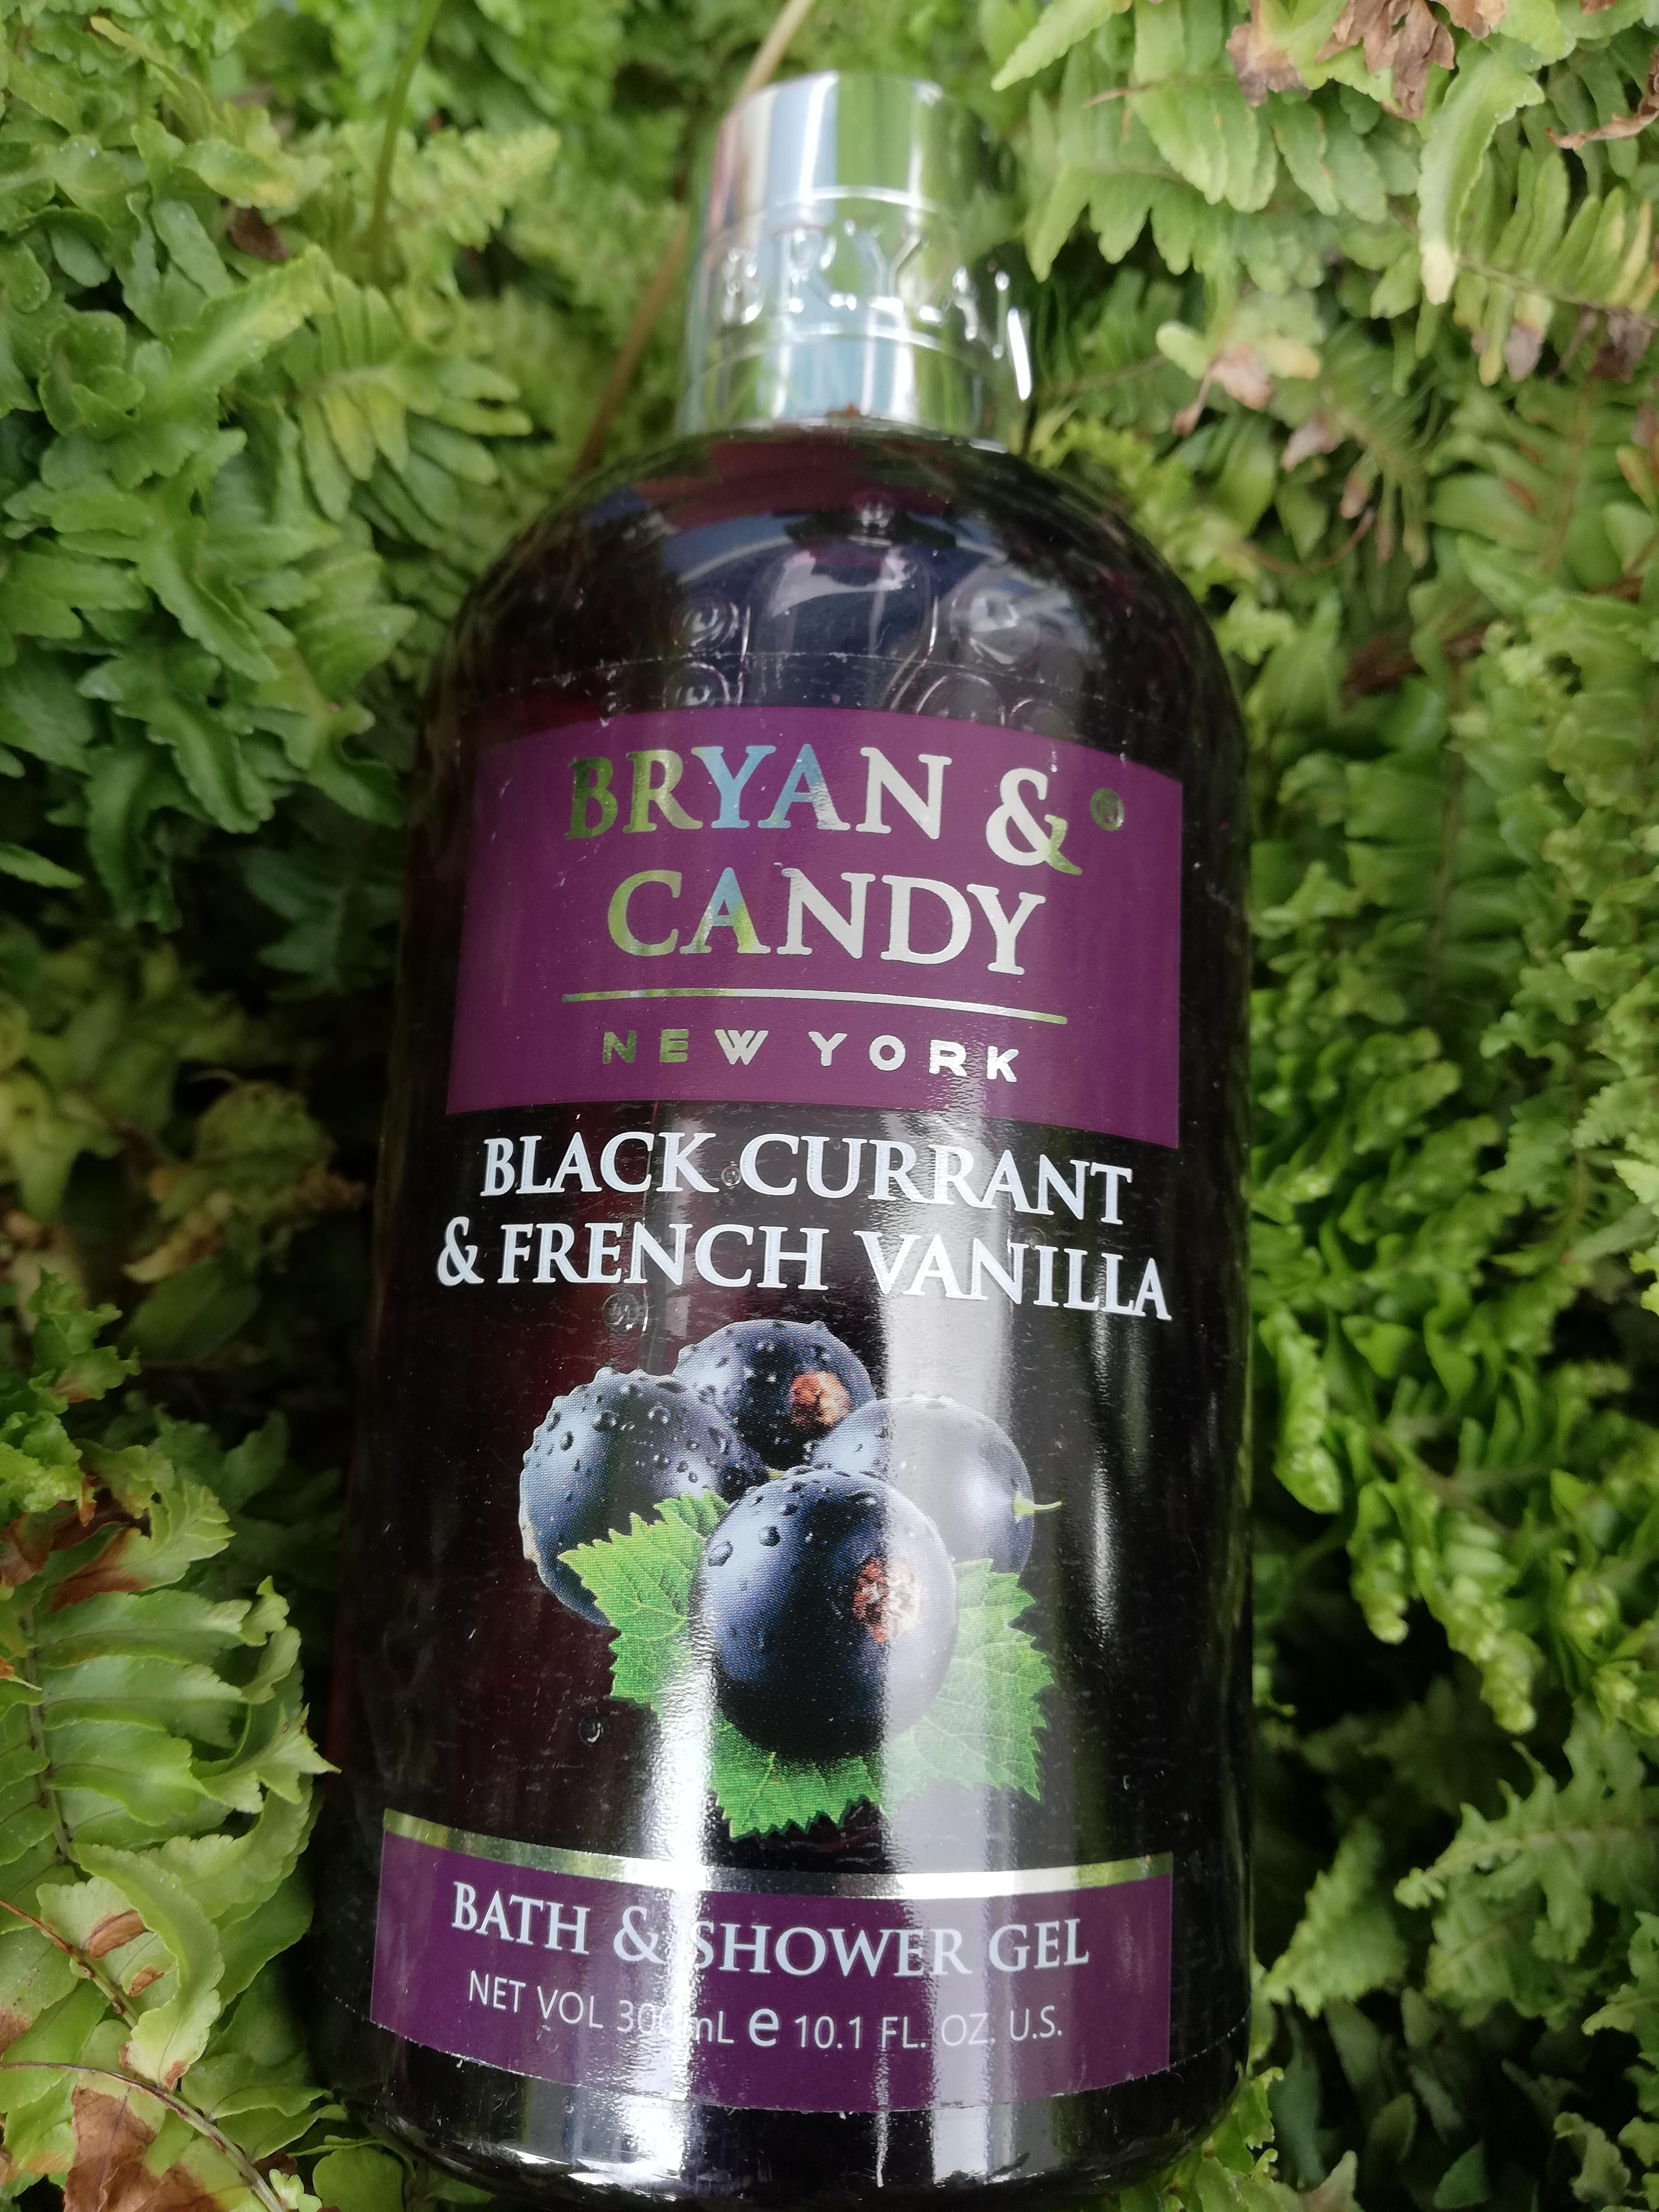 Bryan & Candy New York Black Currant and French Vanilla Shower Gel -Mild Bath Shower Gel-By priya_rawat_